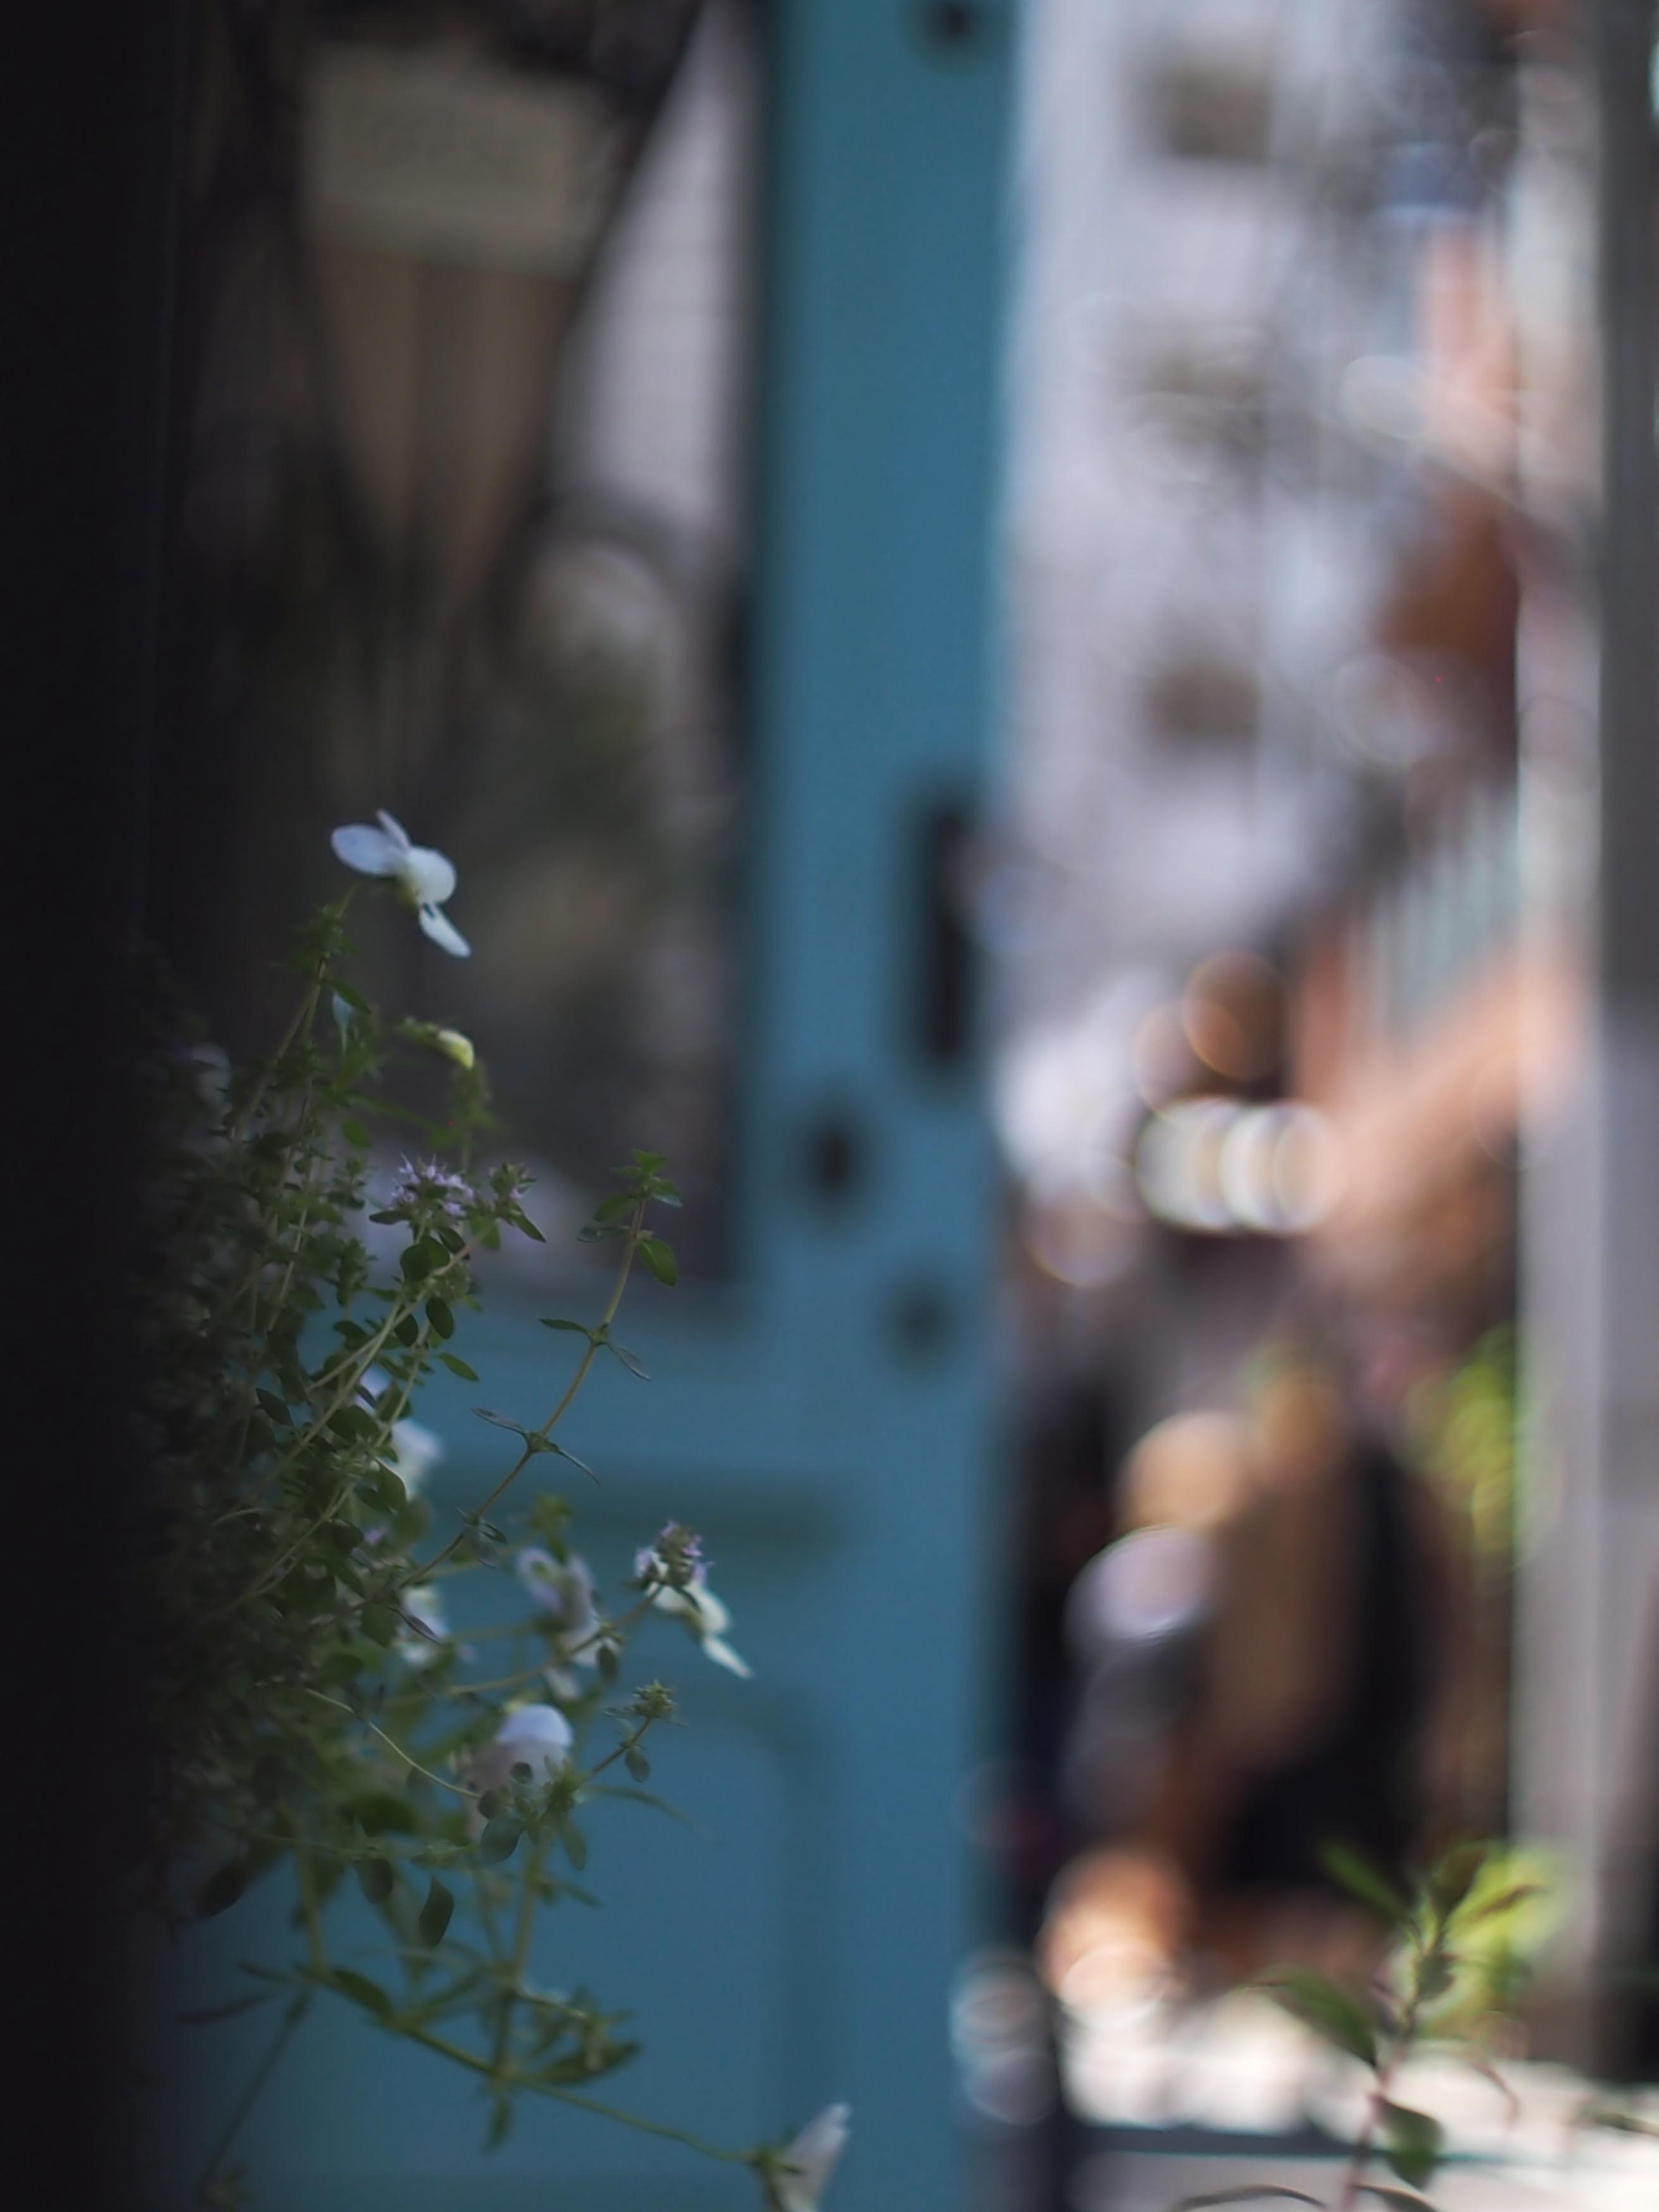 好物の青いドア.jpg